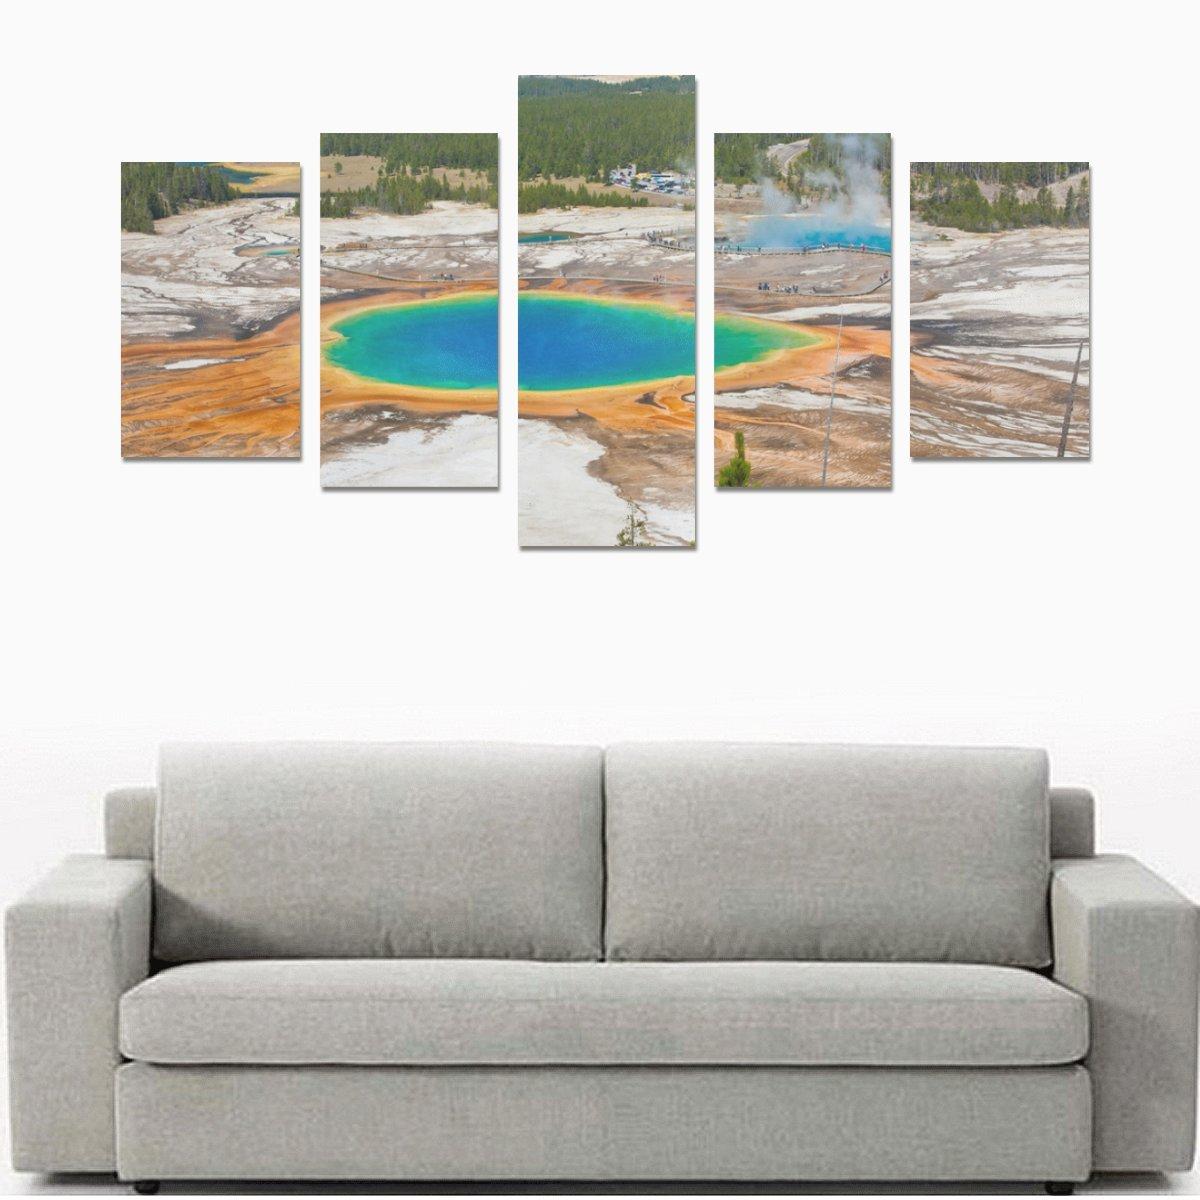 イエローストーン国立公園印刷5ピース壁アートペイントプリントキャンバスホーム装飾リビングルームキッチンの装飾( 12 x 20inch 2個、12 x 23inch 2個、12 x 31inch 1pc )   B0788R2Z2M